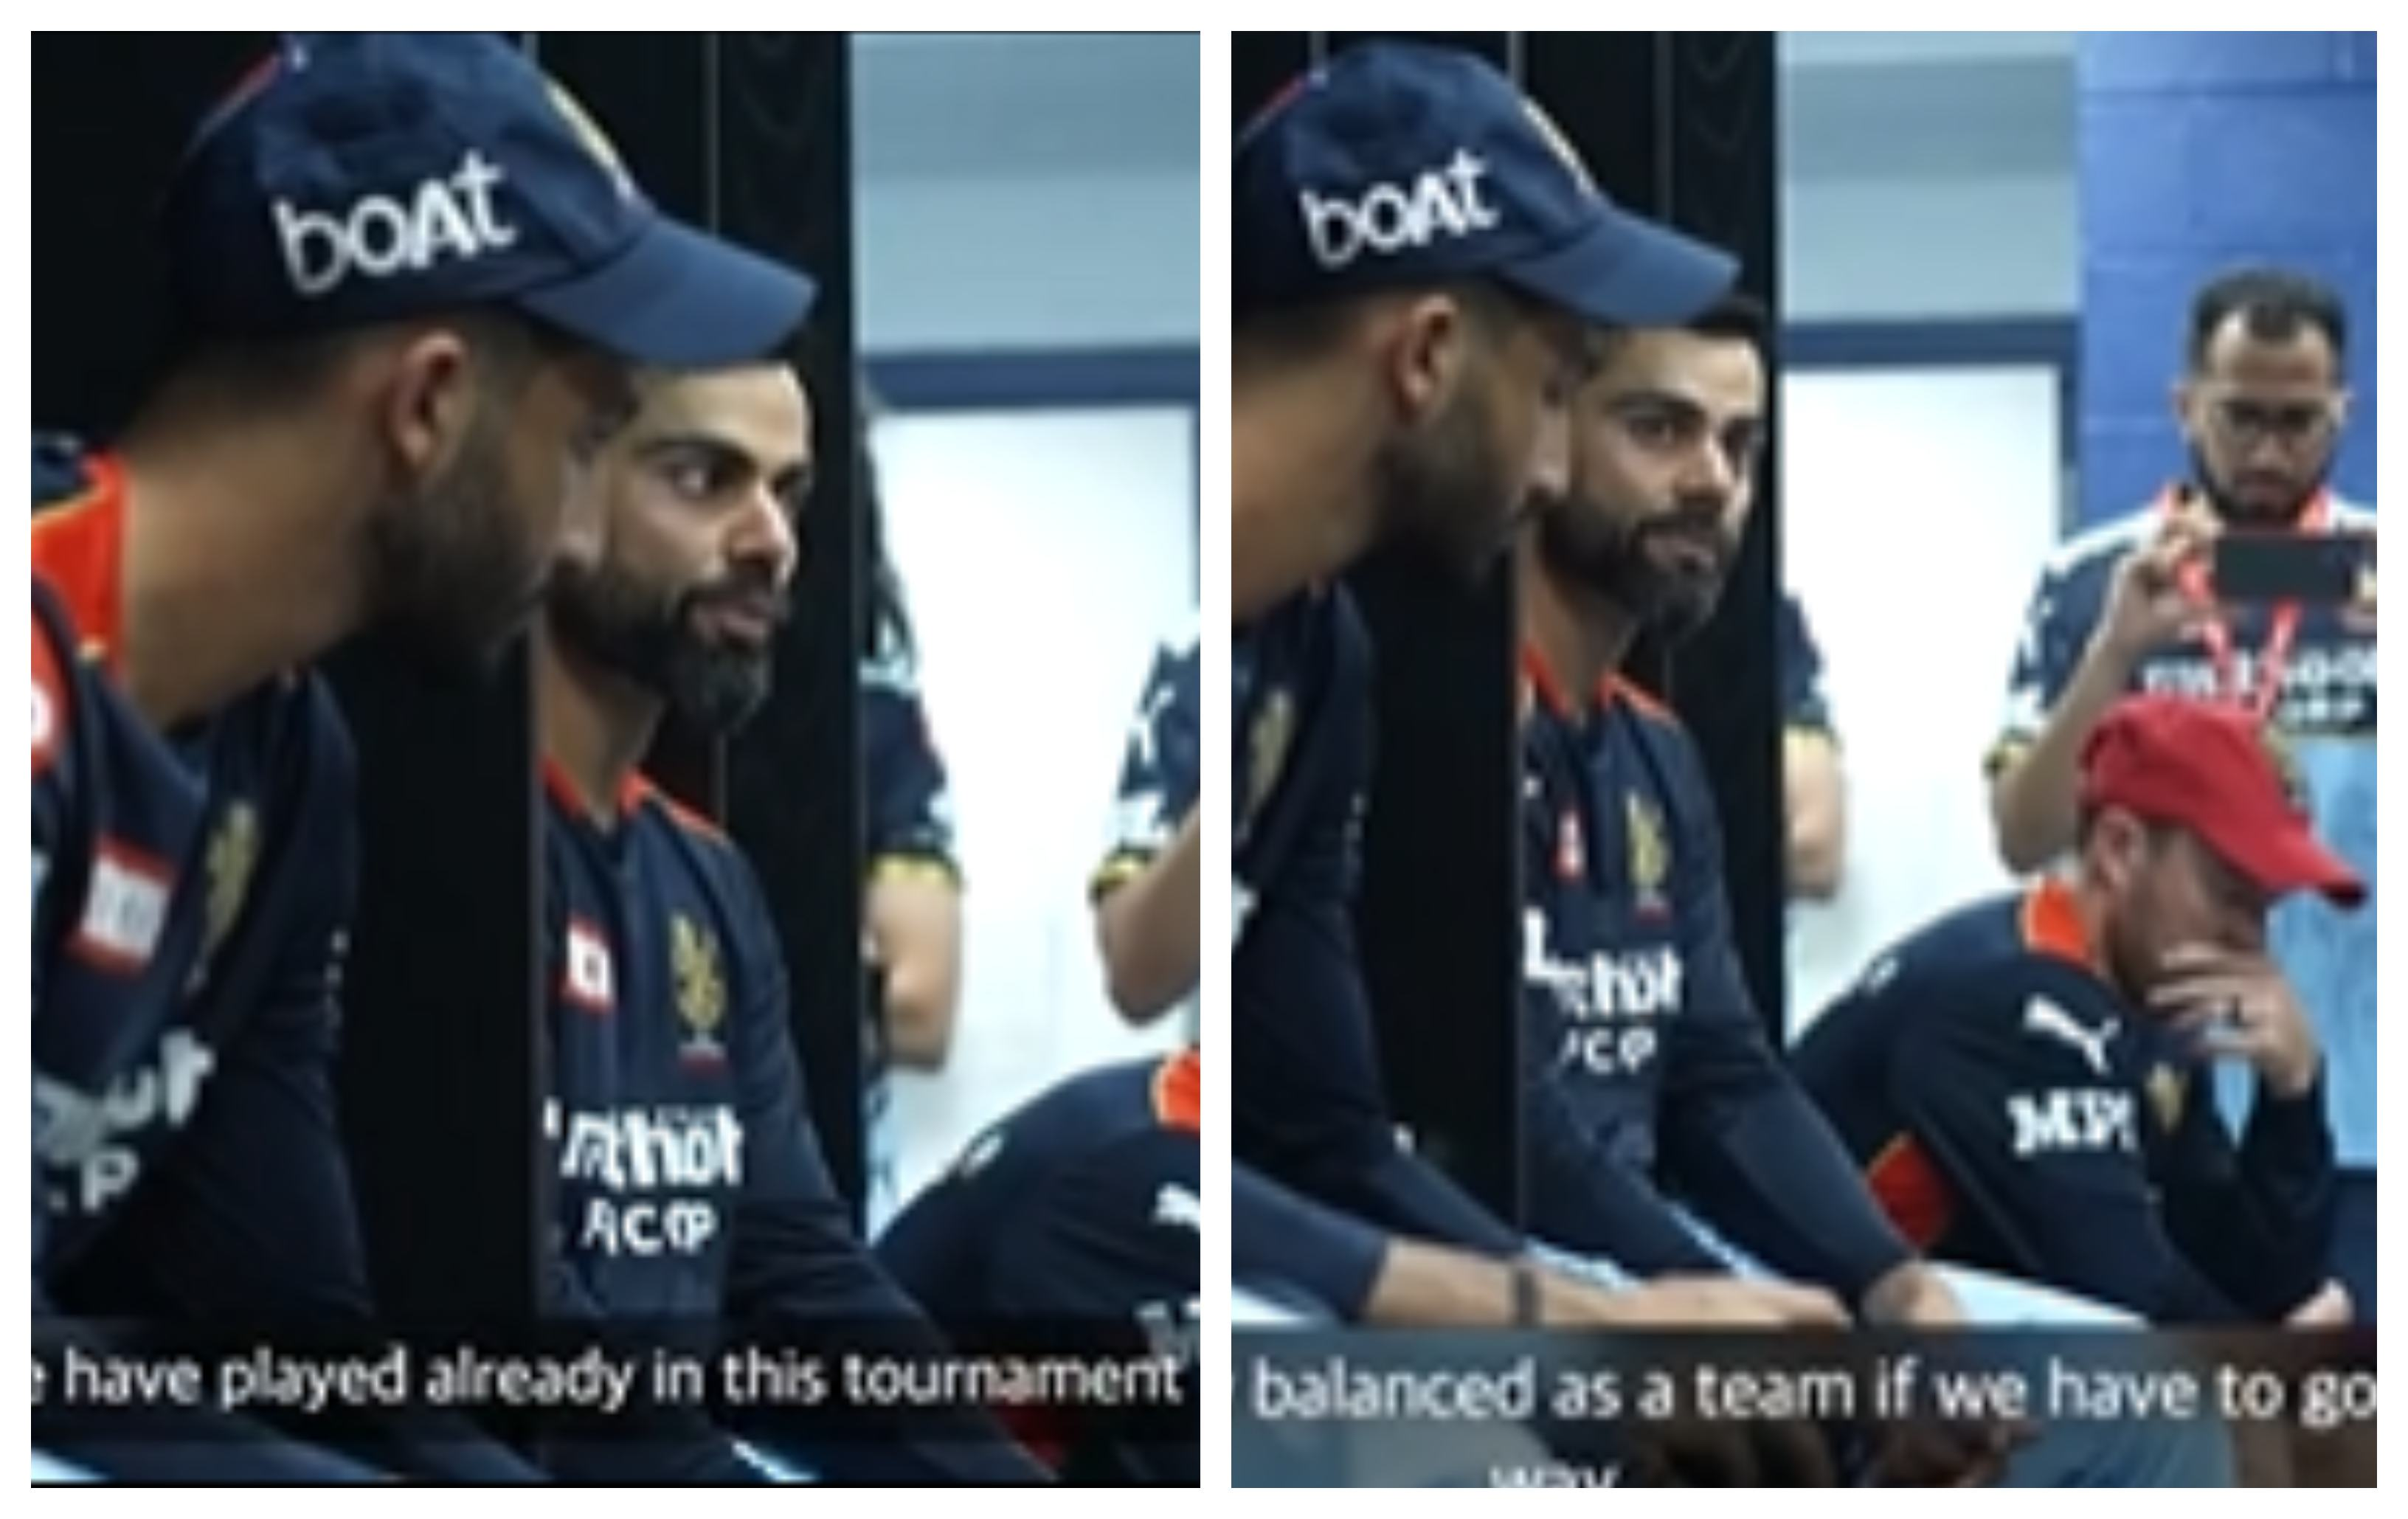 Virat Kohli addressing his RCB teammates | Screengrab